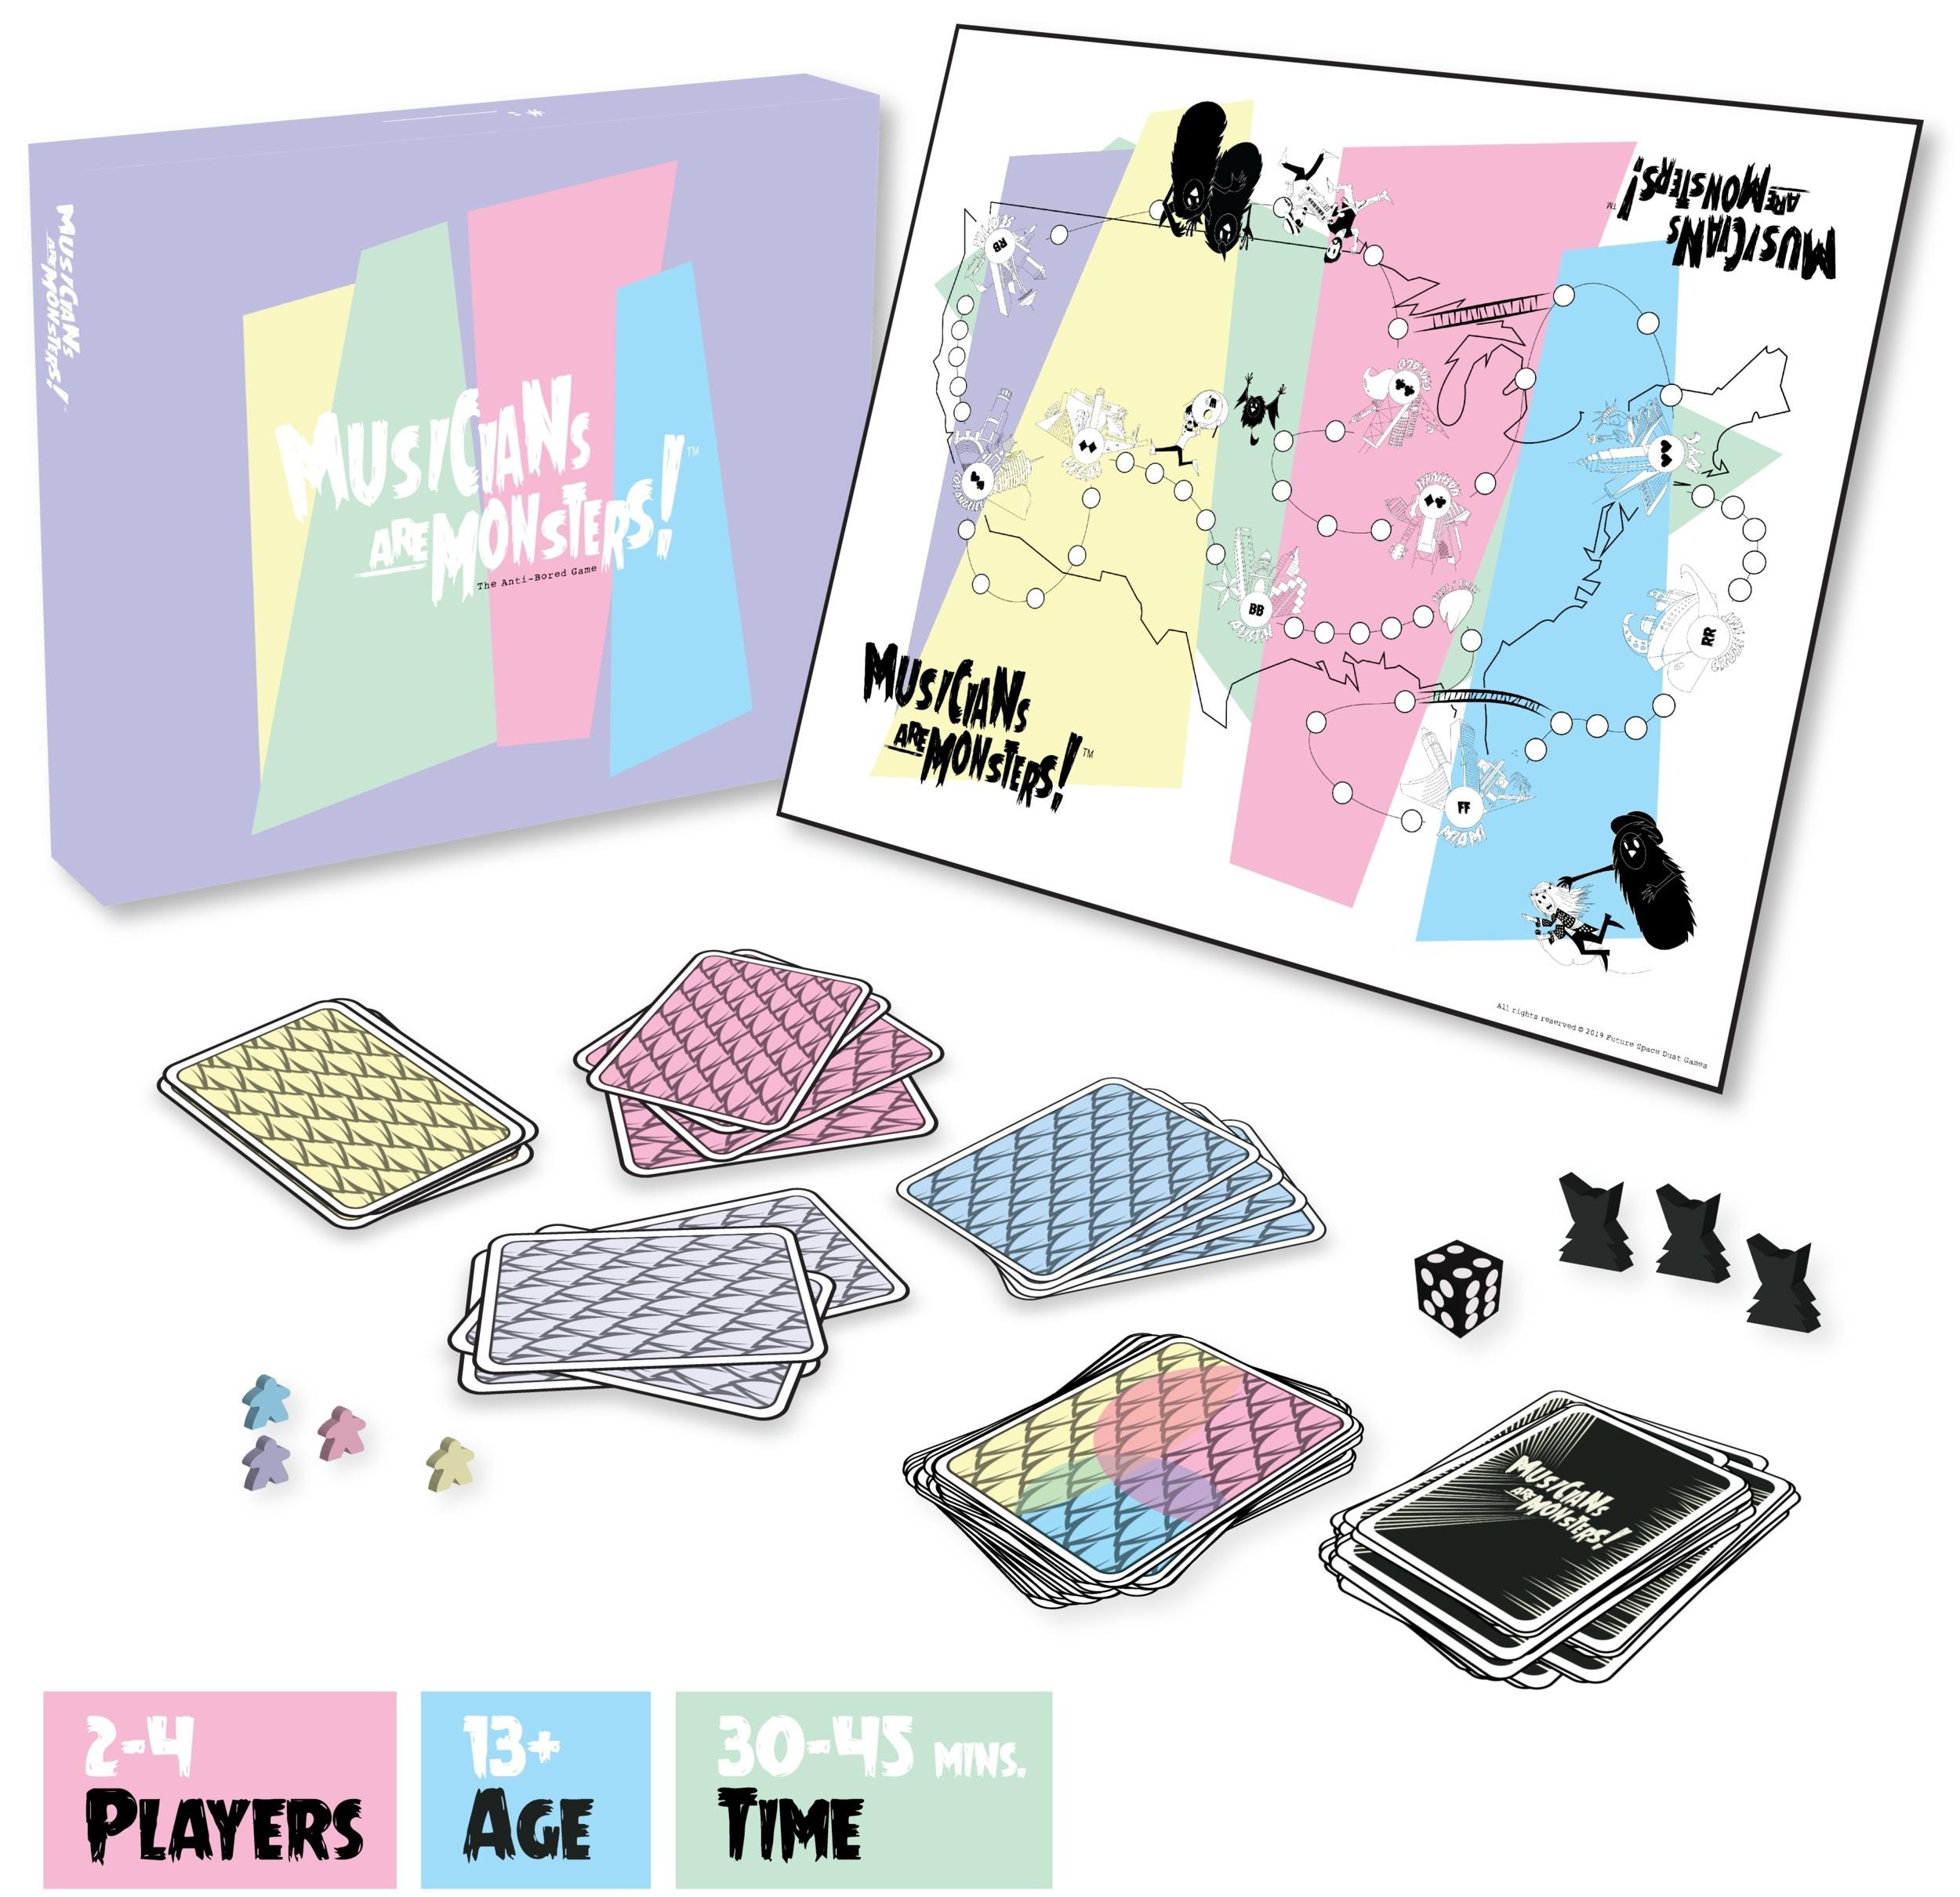 Kickstarter_Board%252BGame%252BLayout_6-2-19-01.jpg